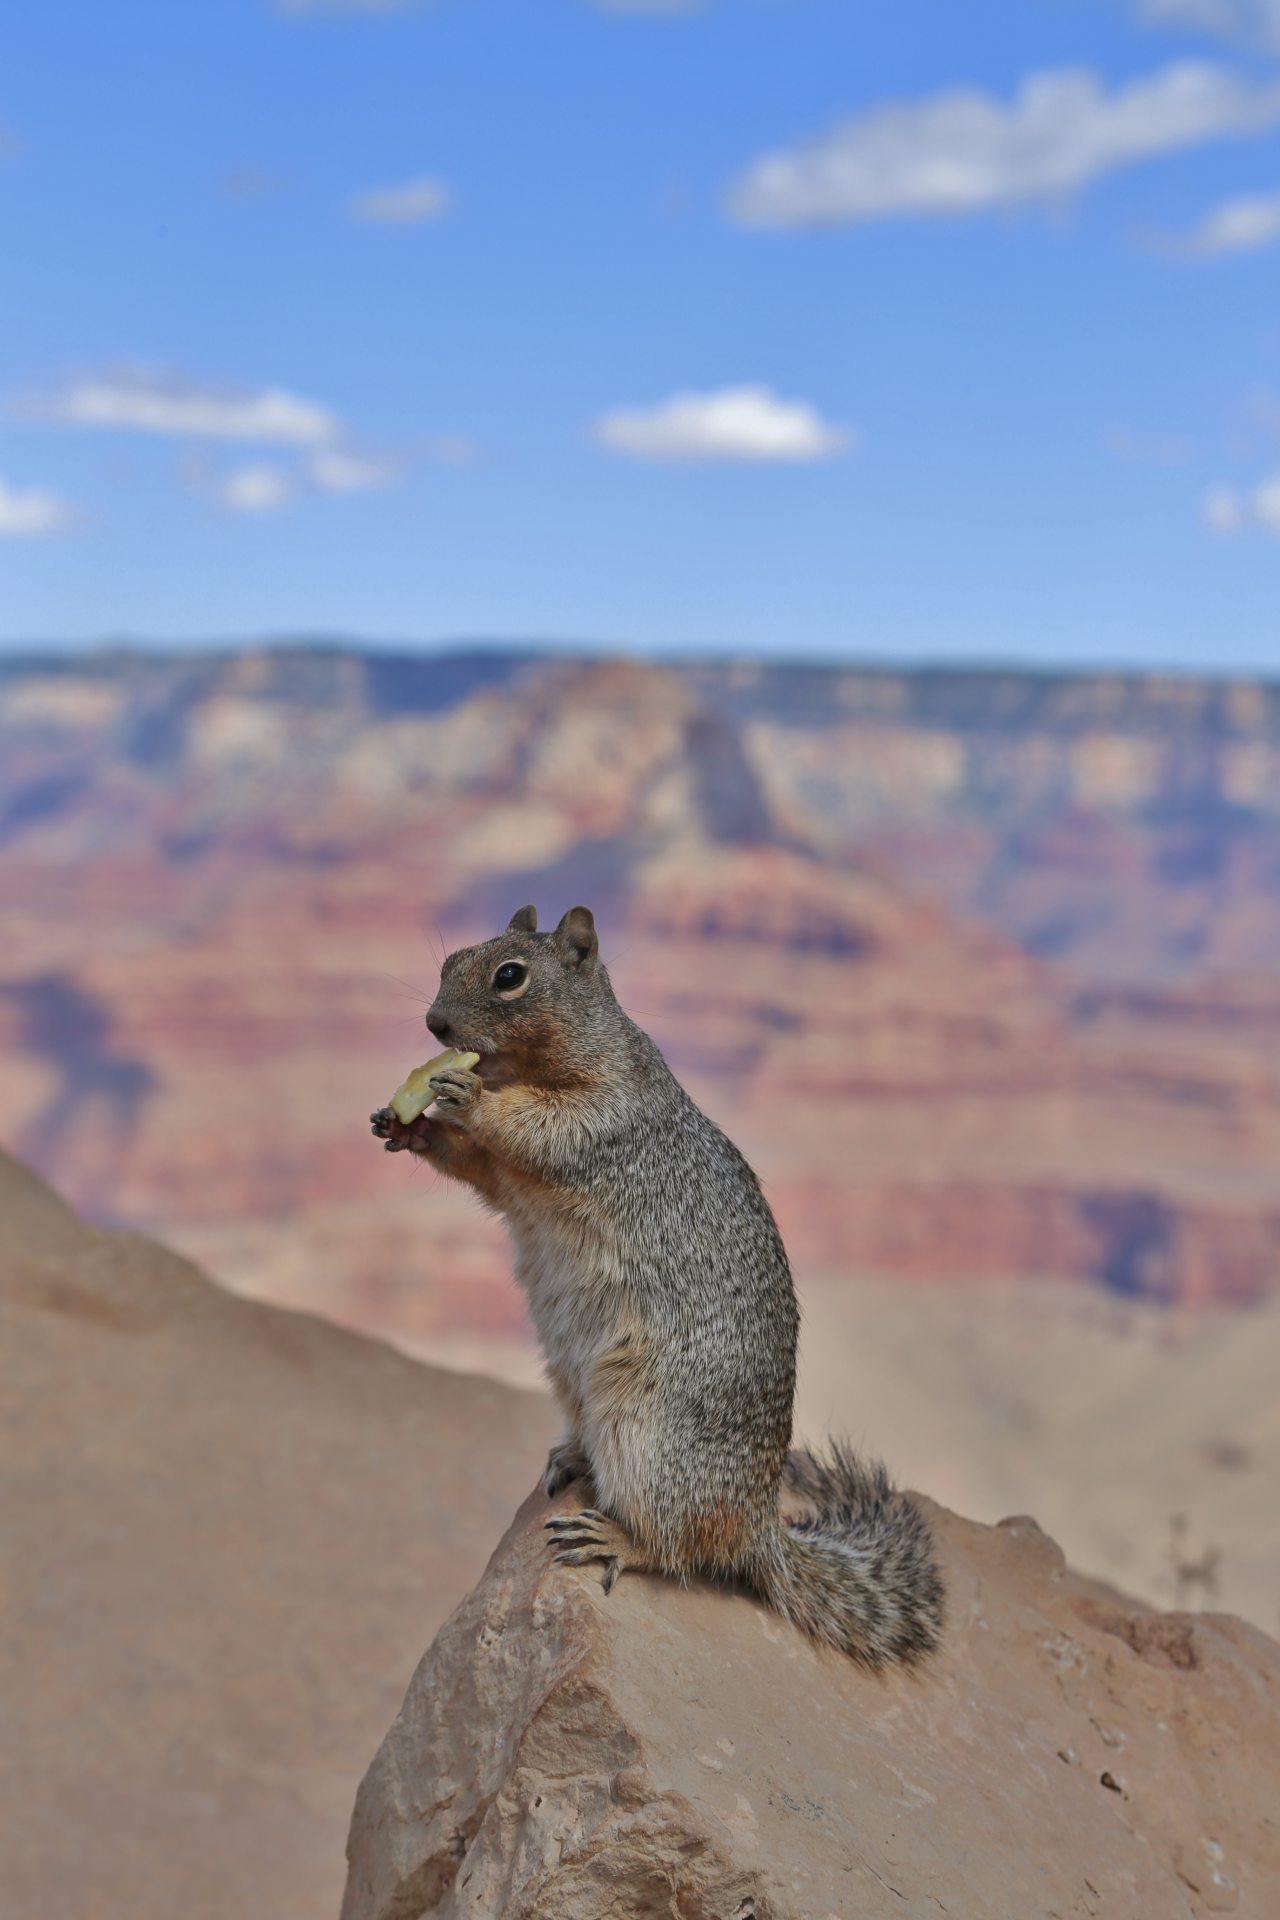 Geh mir nicht auf den Keks! - Arizona, Futter, Grand Canyon National Park, haarig, Himmel, hungrig, Keks, Nagetier, Portrait, Porträt, Pose, South Kaibab Trail, Squirrel, Tier, Wolken - (Grand Canyon, Arizona, Vereinigte Staaten)